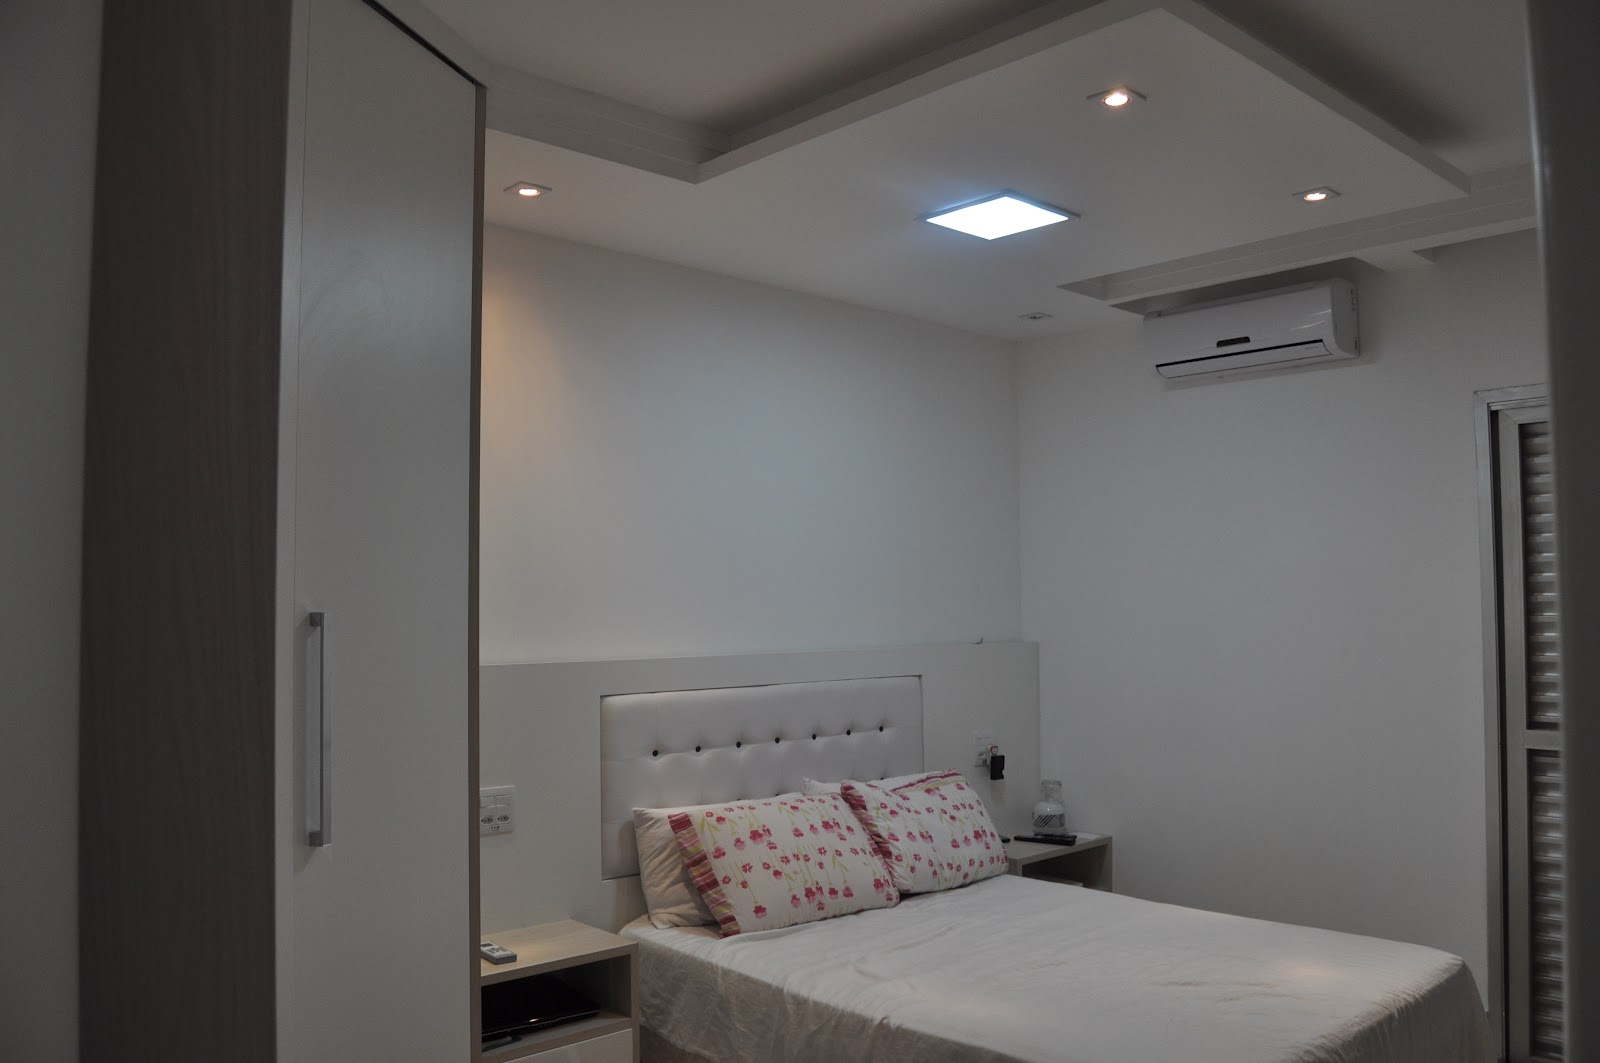 Quarto   Closed   Banheiro Apartamento Dois Dormitorios em Bauru/SP #4A6481 1600 1063